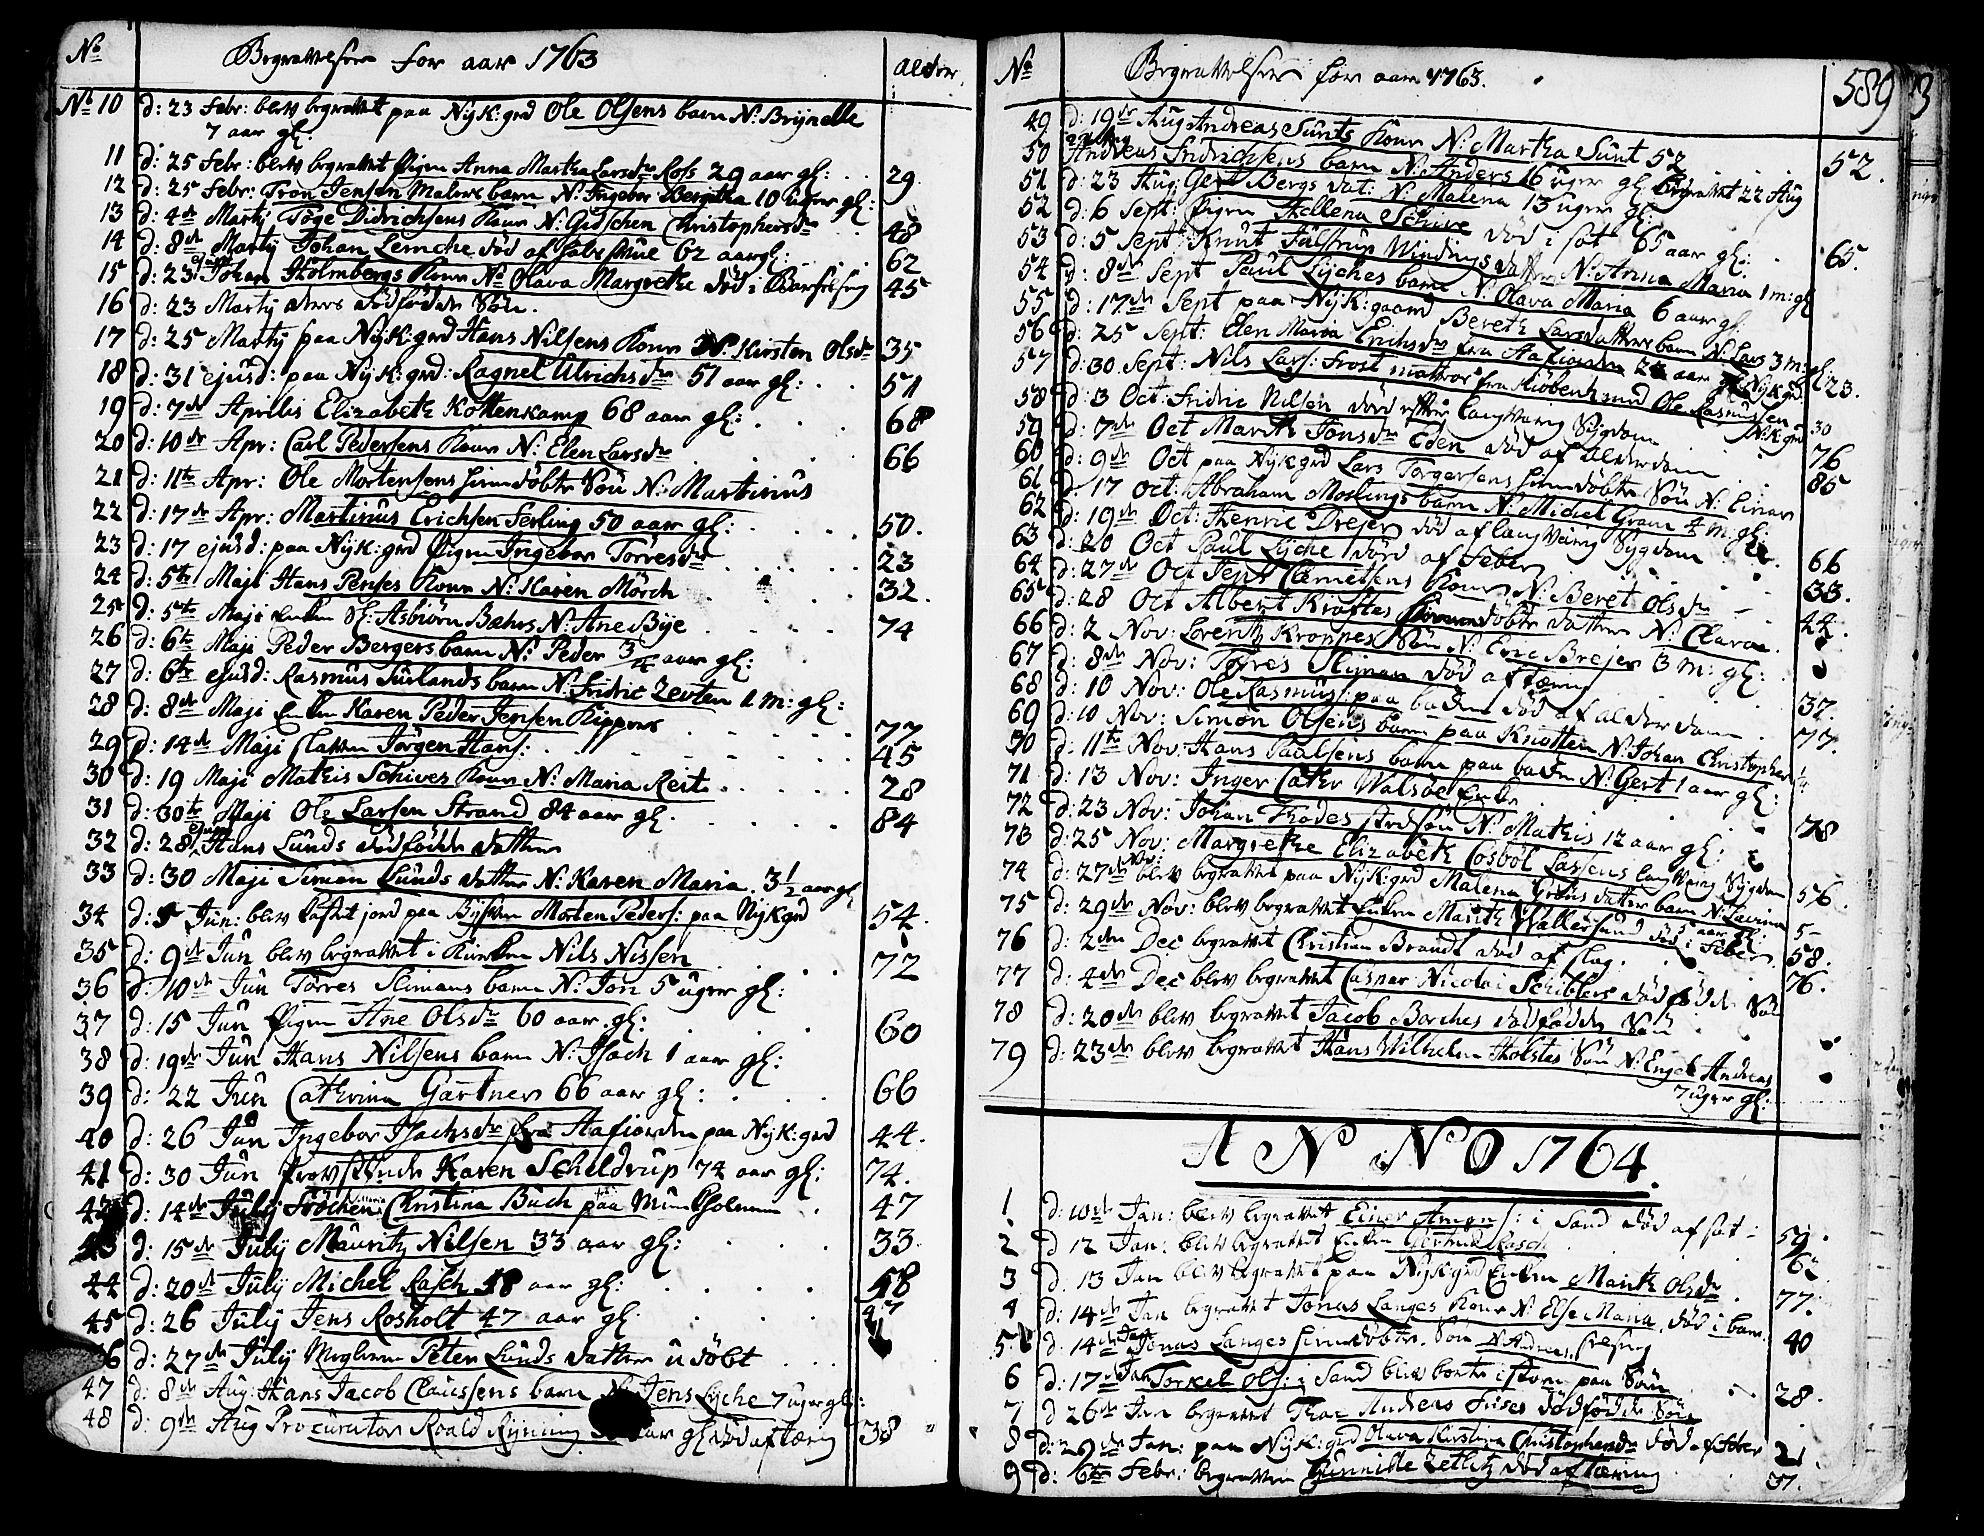 SAT, Ministerialprotokoller, klokkerbøker og fødselsregistre - Sør-Trøndelag, 602/L0103: Ministerialbok nr. 602A01, 1732-1774, s. 589